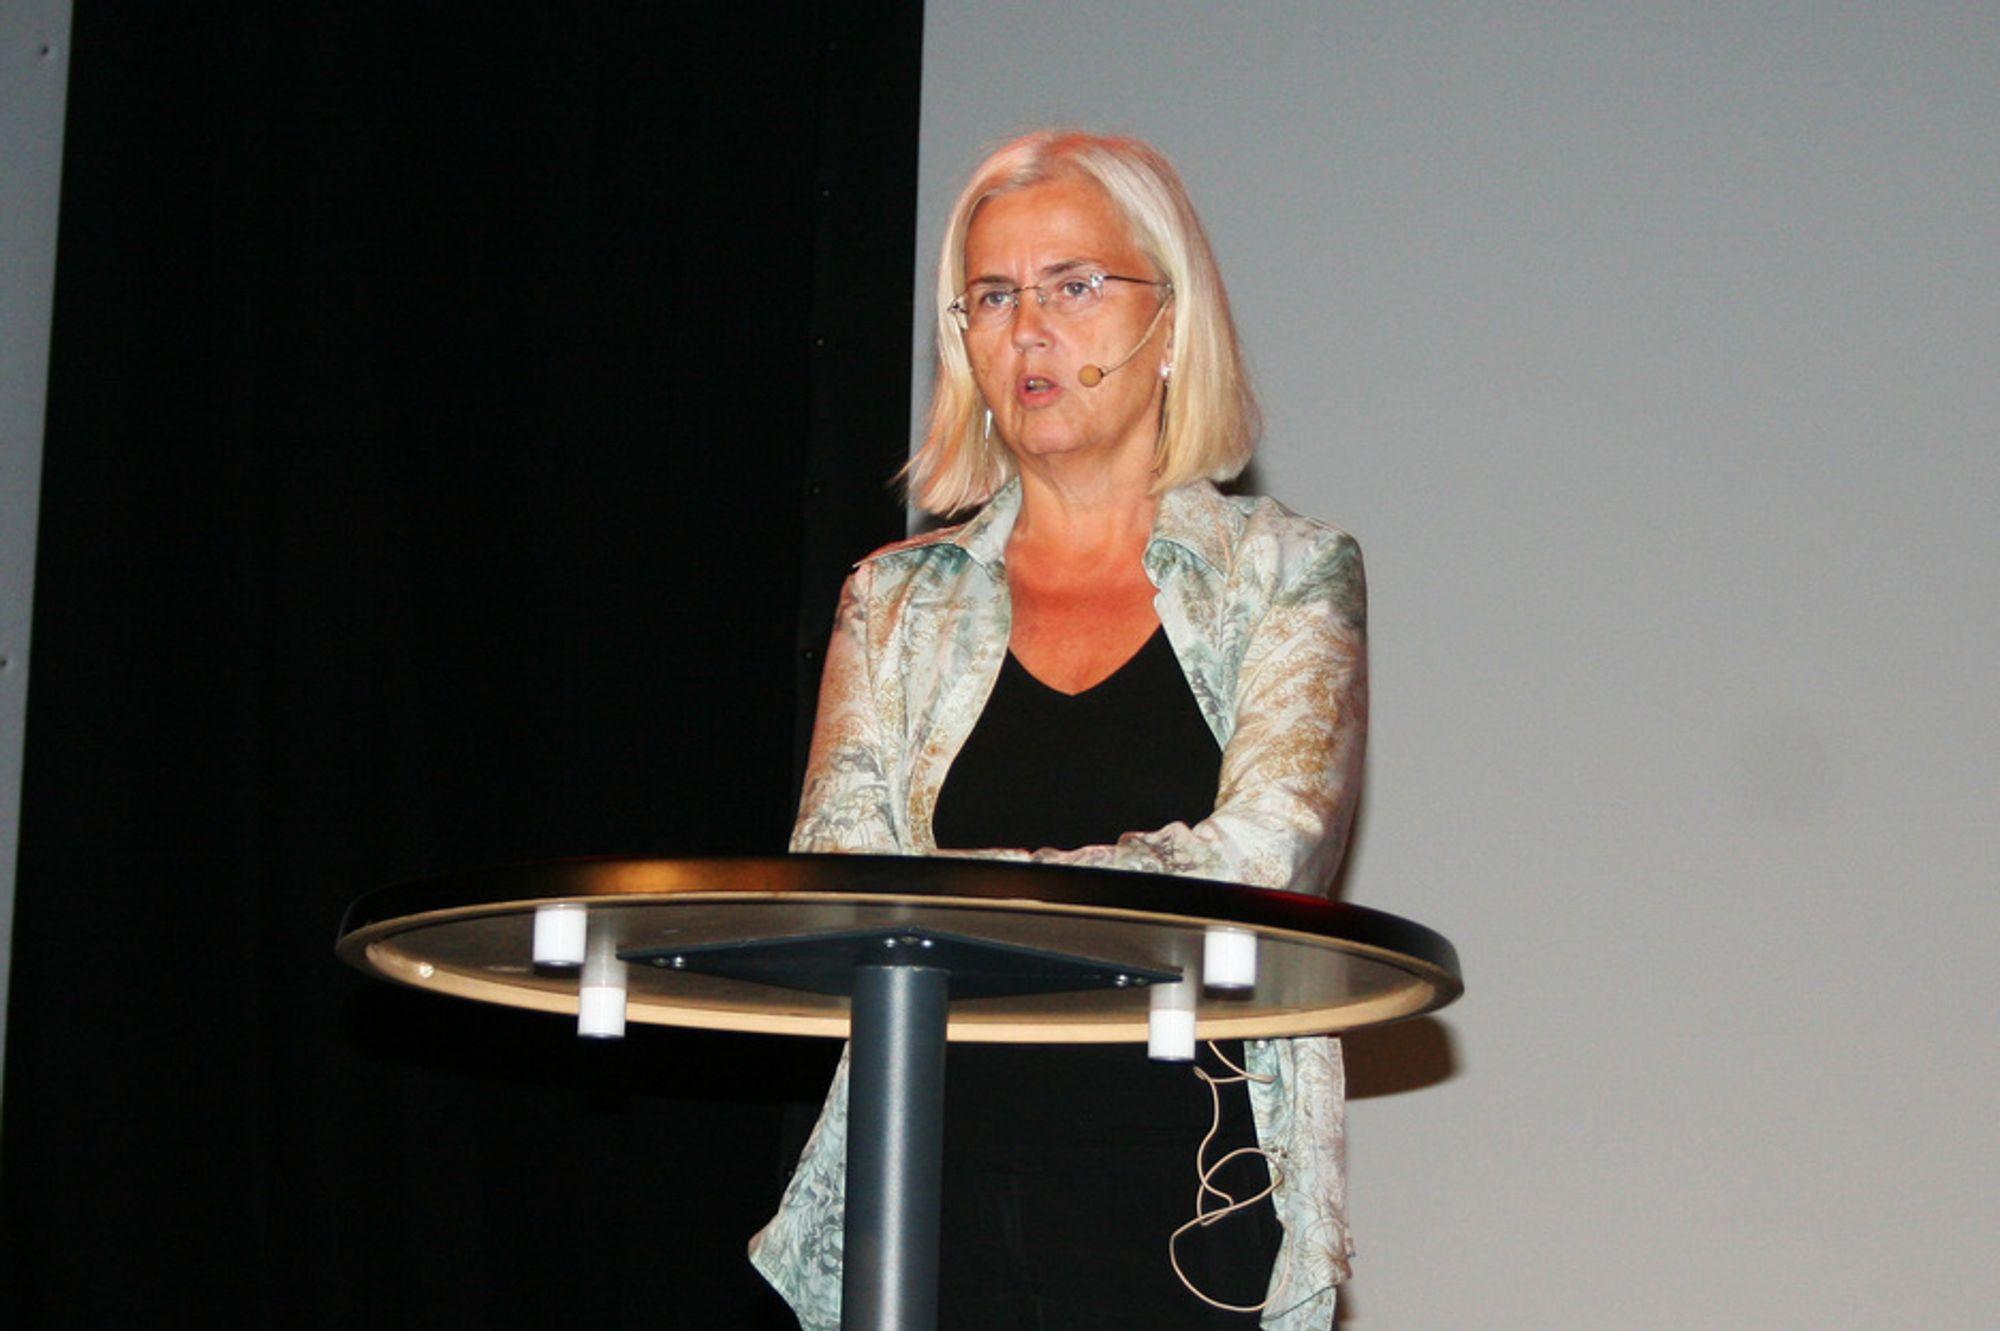 Helen Bjørnøy avfallskonferanse mijøvernminister